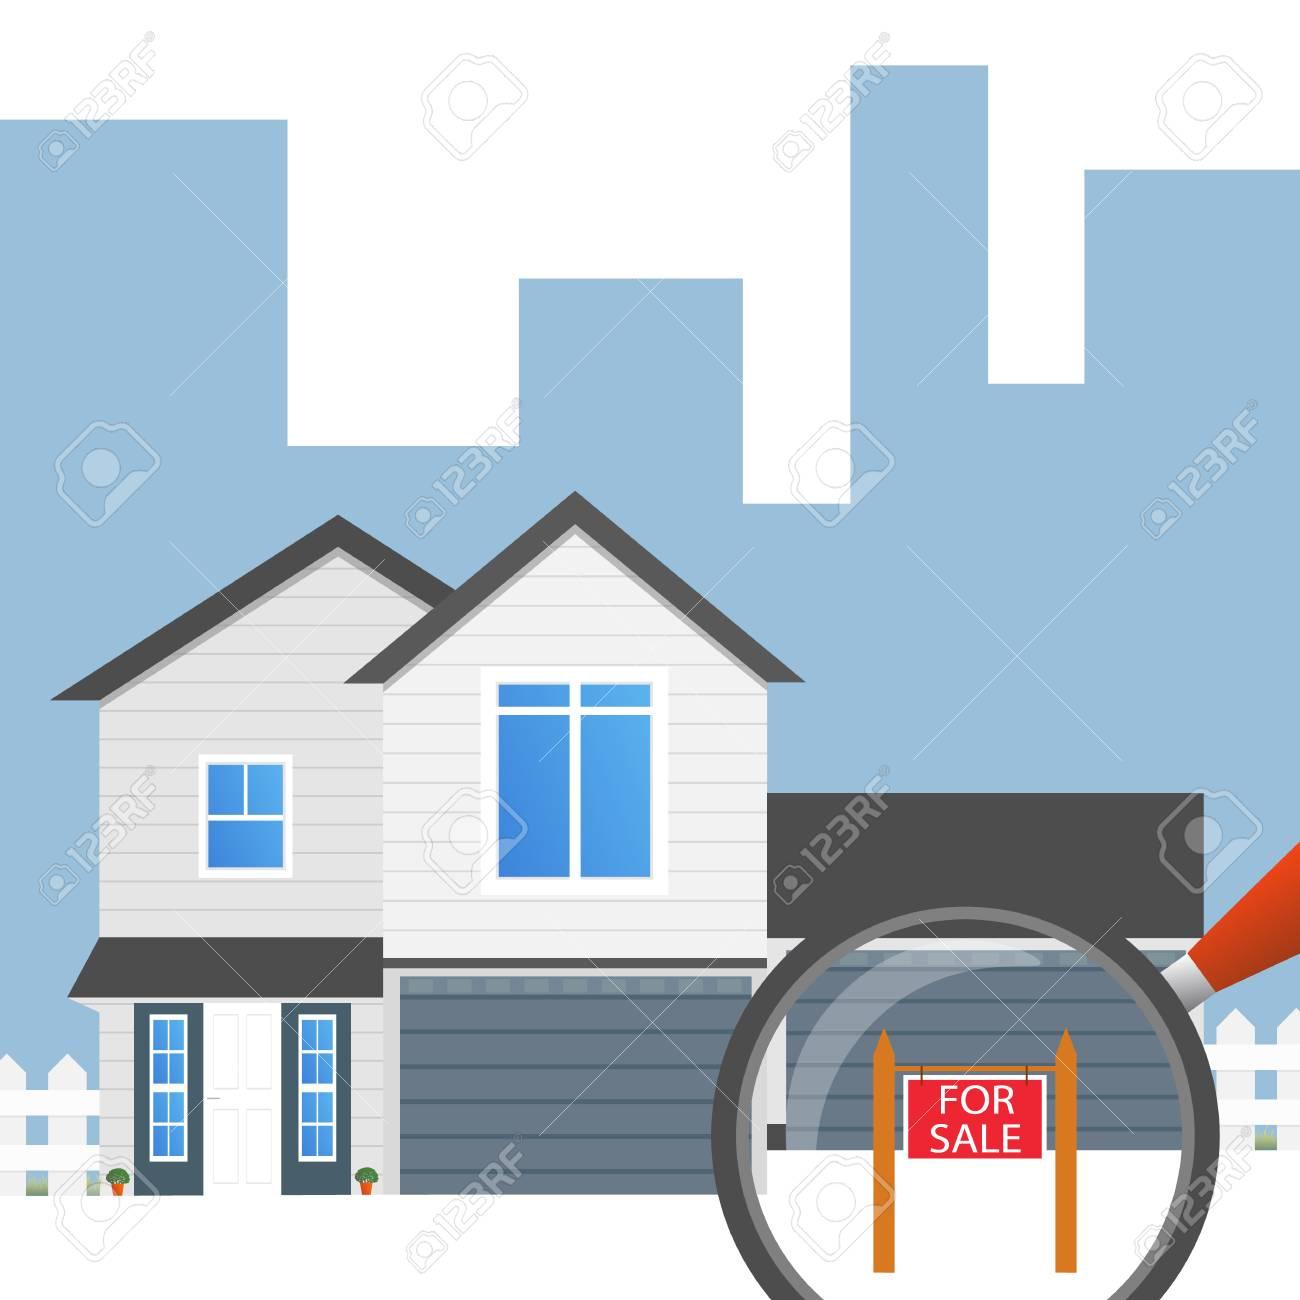 Zu Verkaufen Haus Wohnung Symbol Entwerfen Sie Ihre Eigene Wohnung